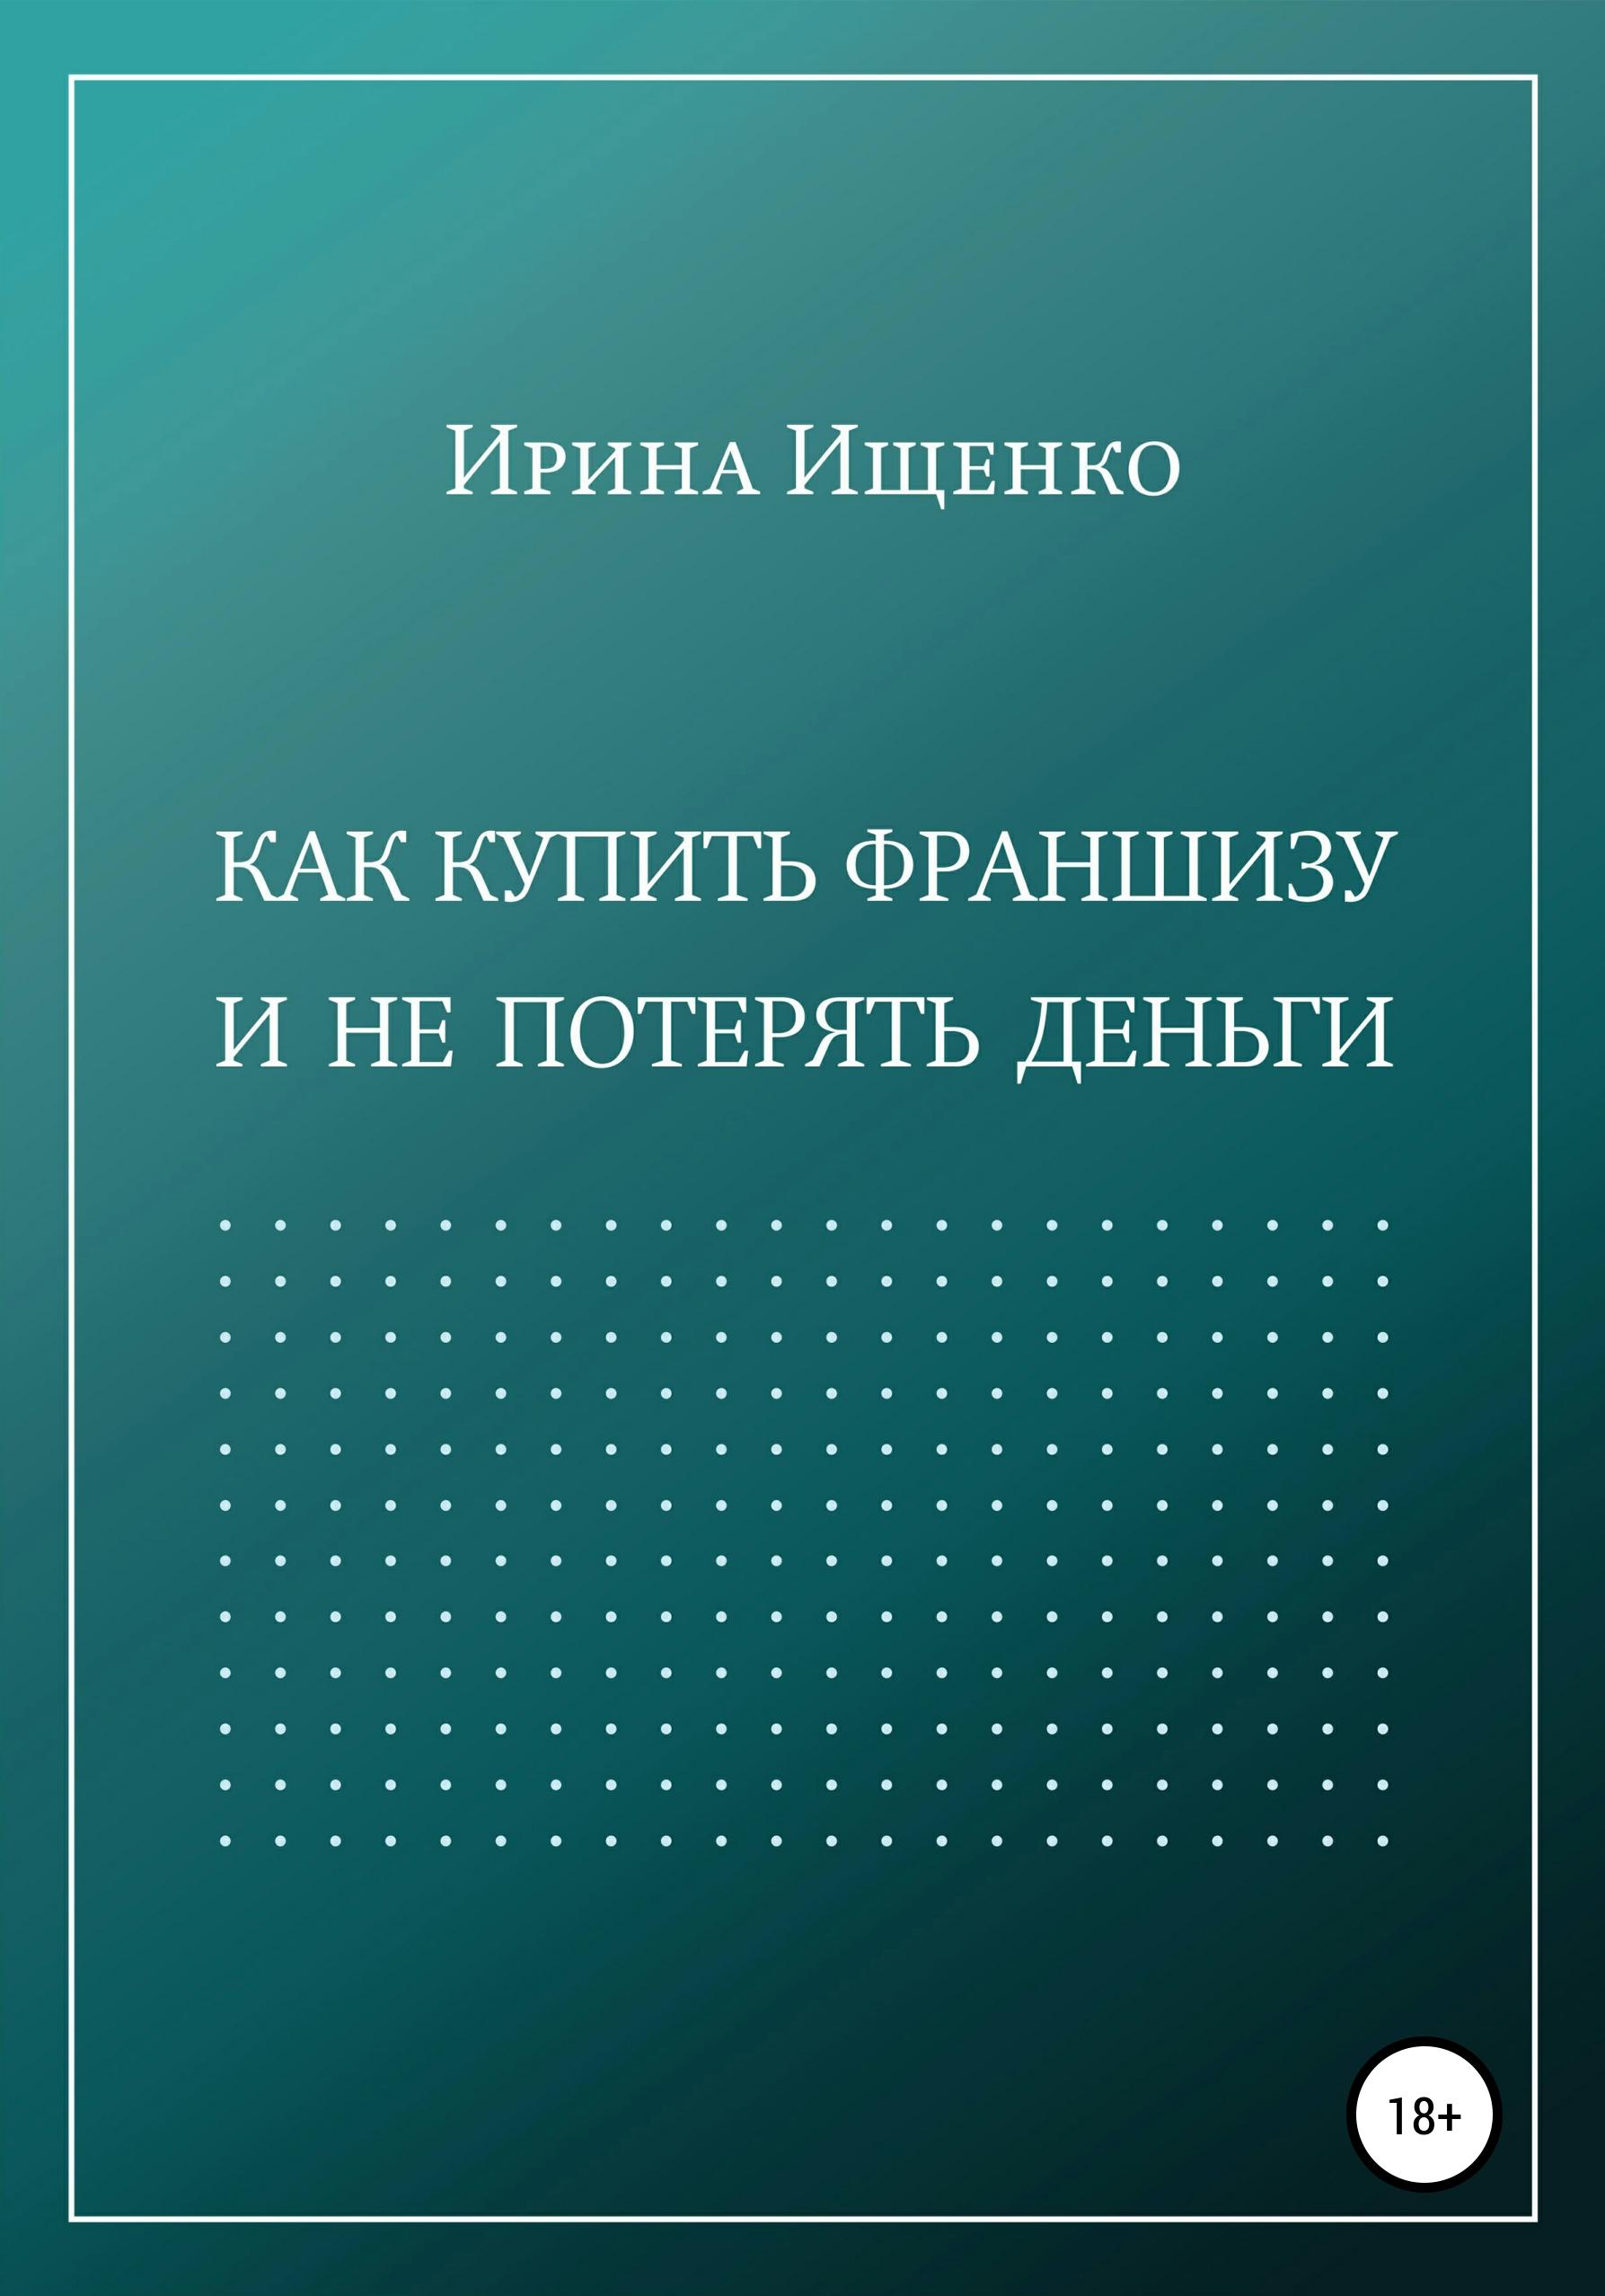 Купить книгу Как купить франшизу и не потерять деньги, автора Ирины Ищенко